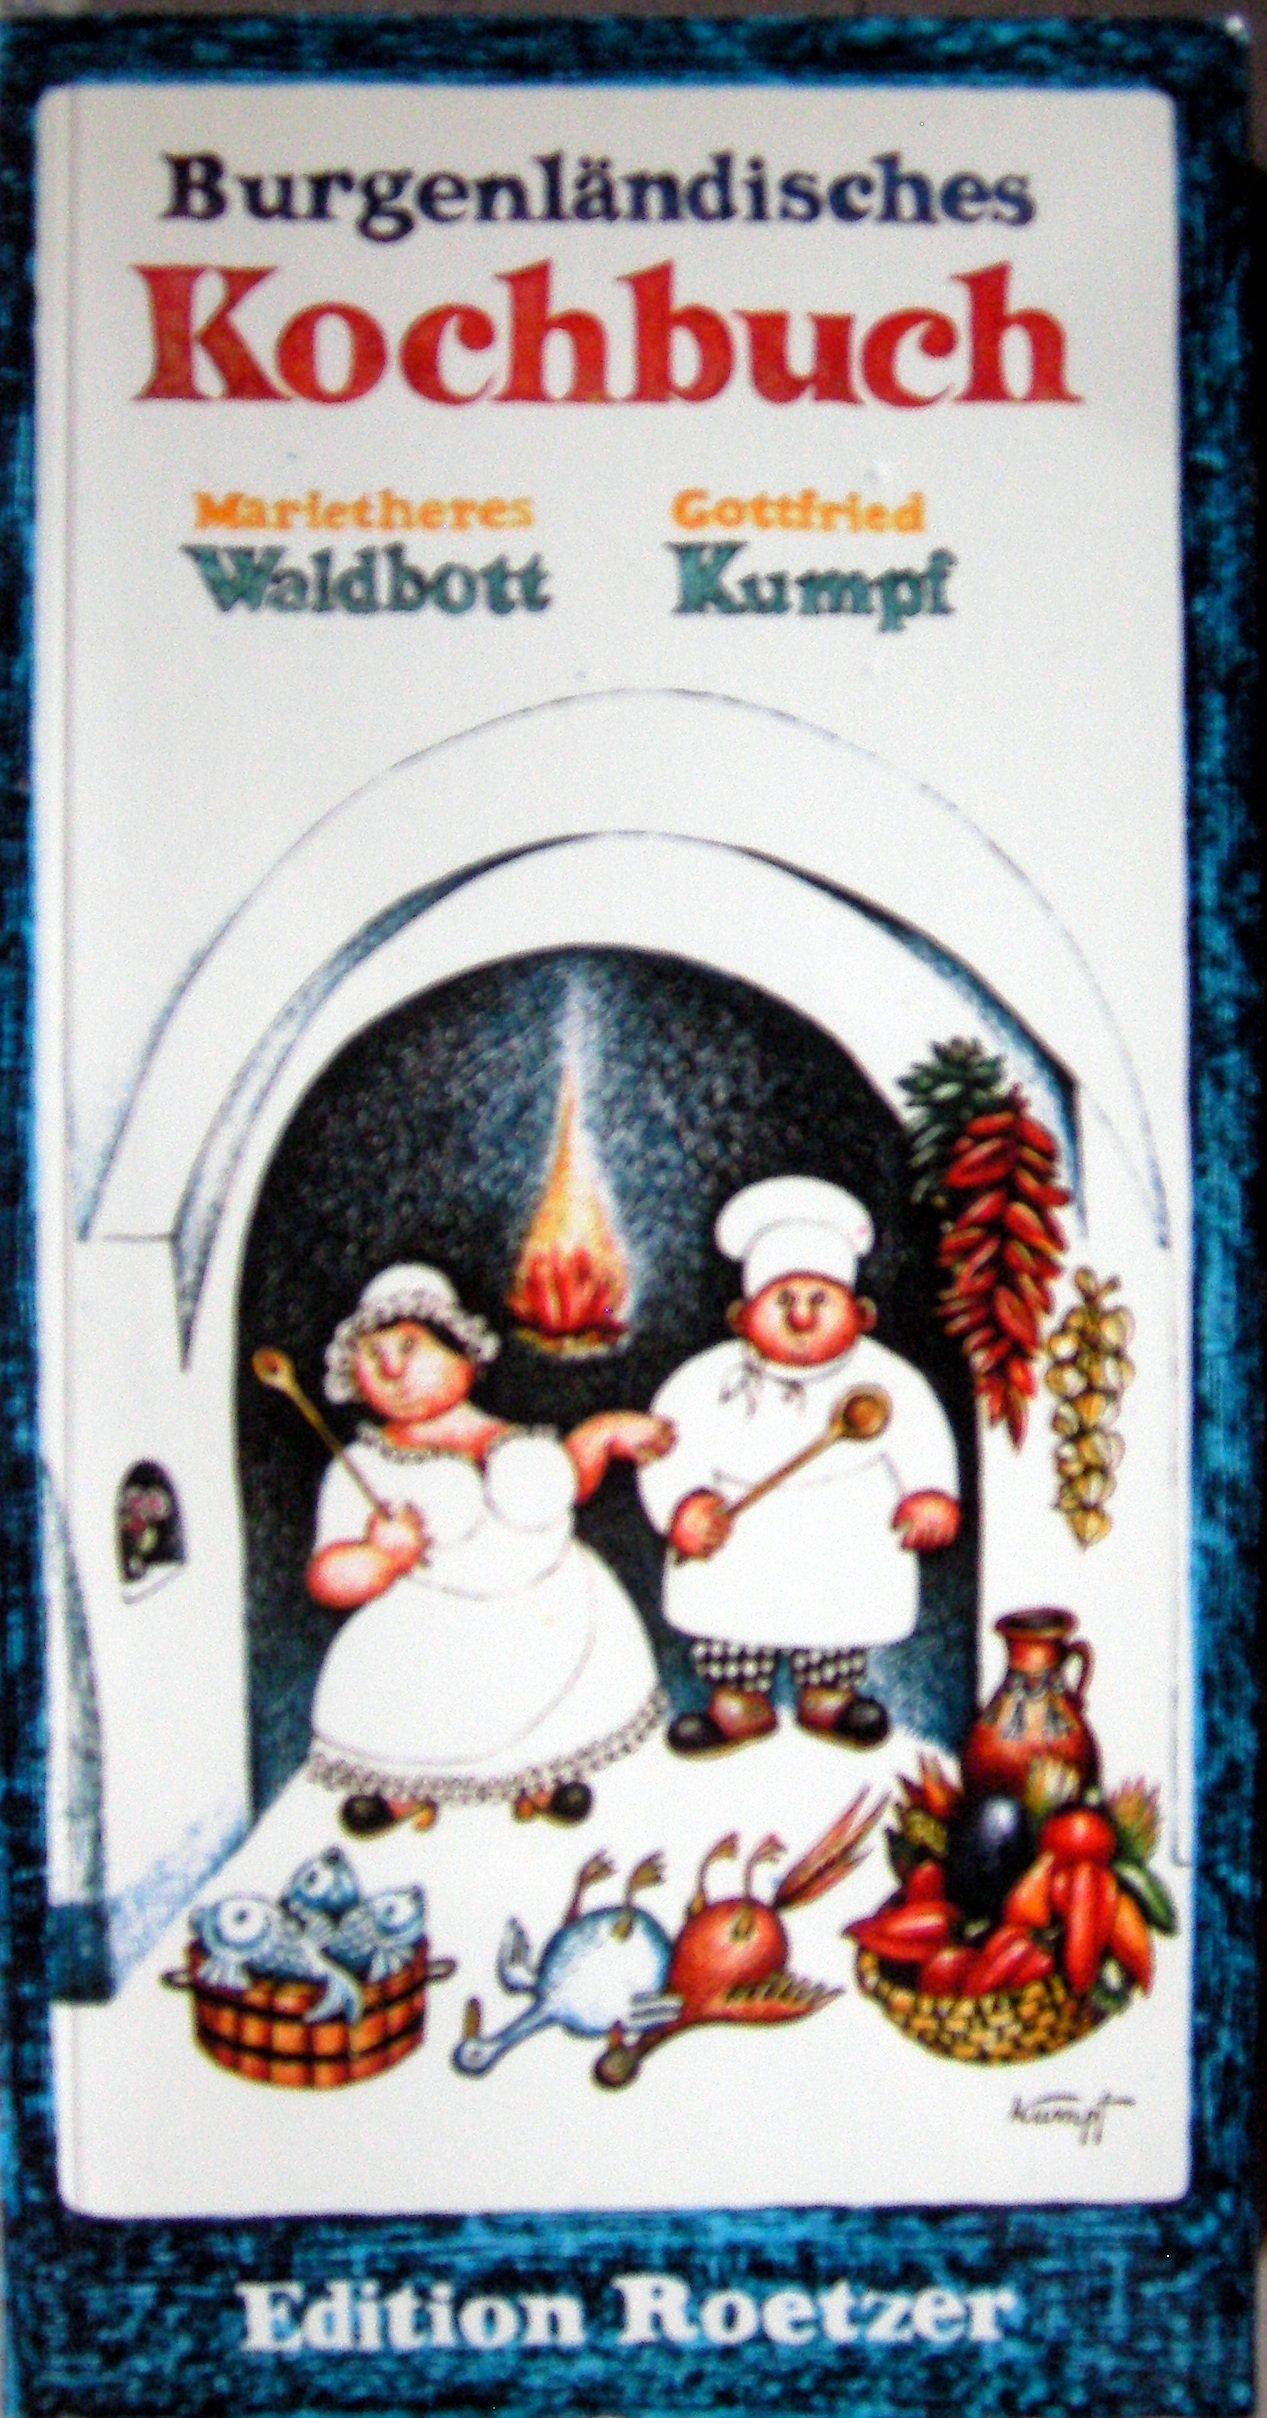 Burgenländisches Kochbuch